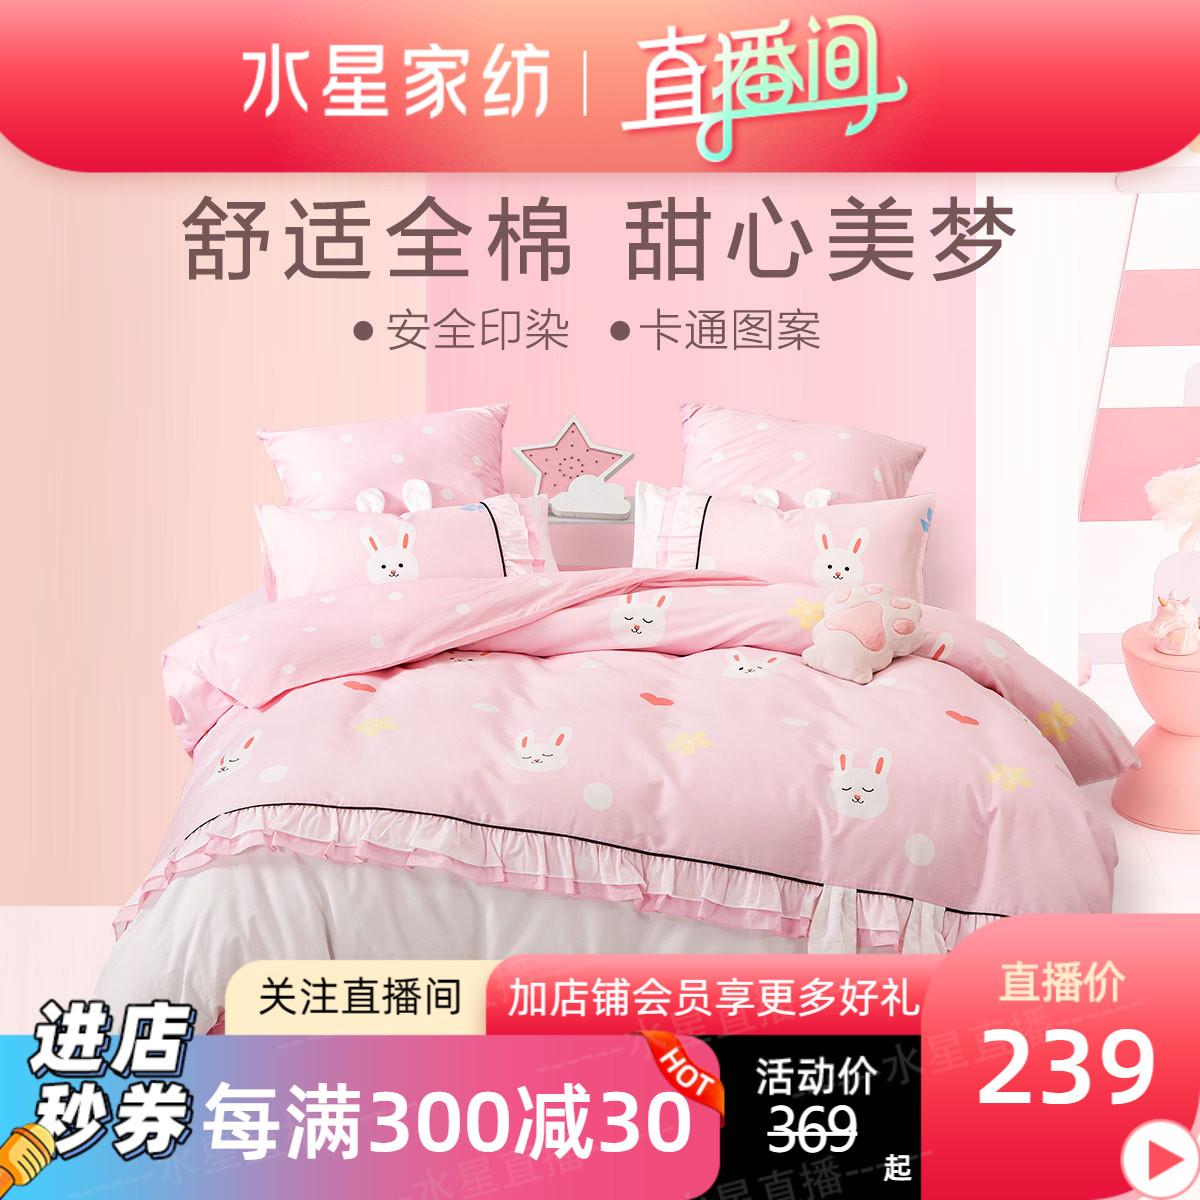 水星家纺全棉抗菌三件套四件套粉色少女学生卡通床品【直播福利】